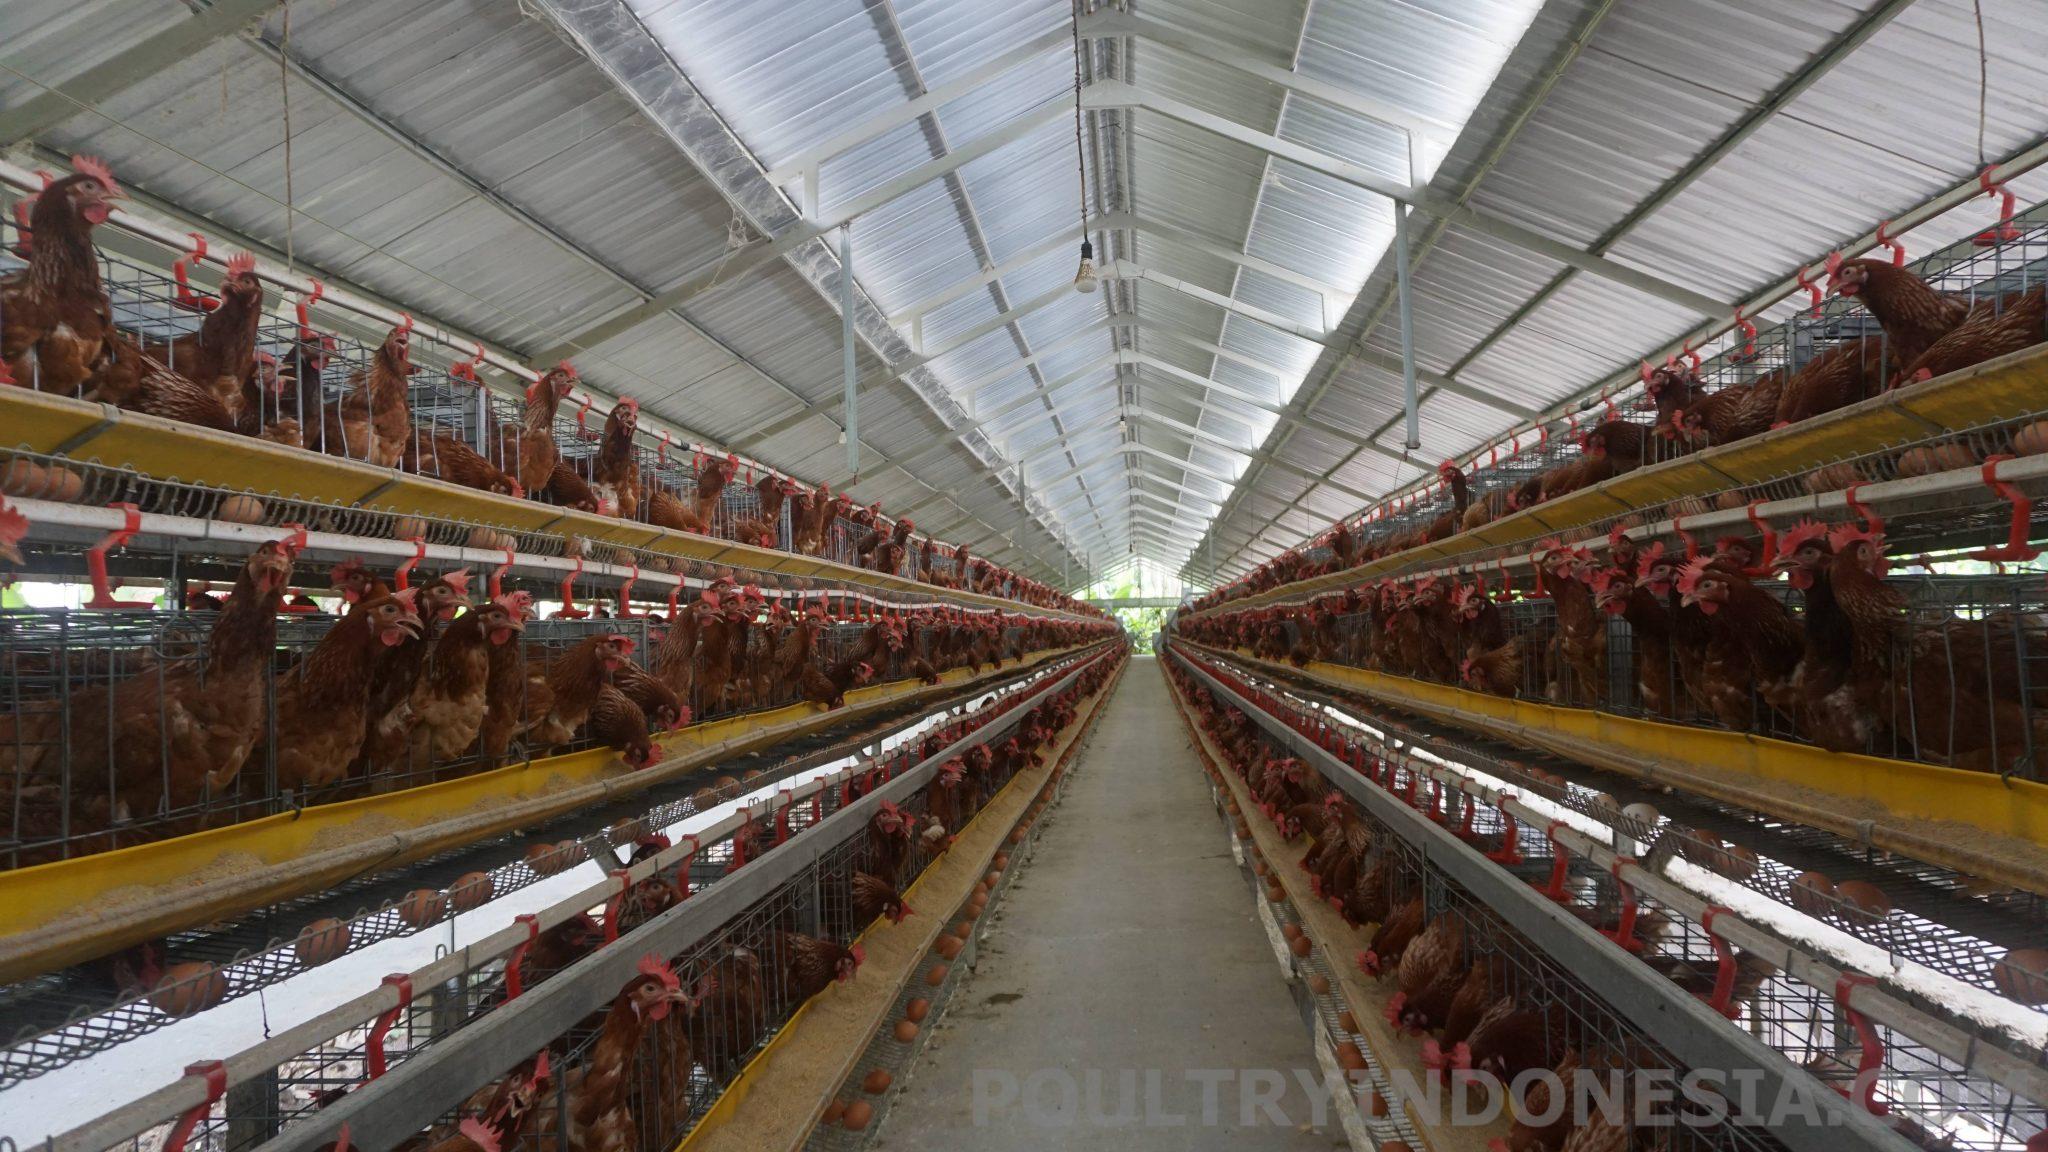 Contoh Kandang Ayam Petelur Yang Baik - Barisan Contoh